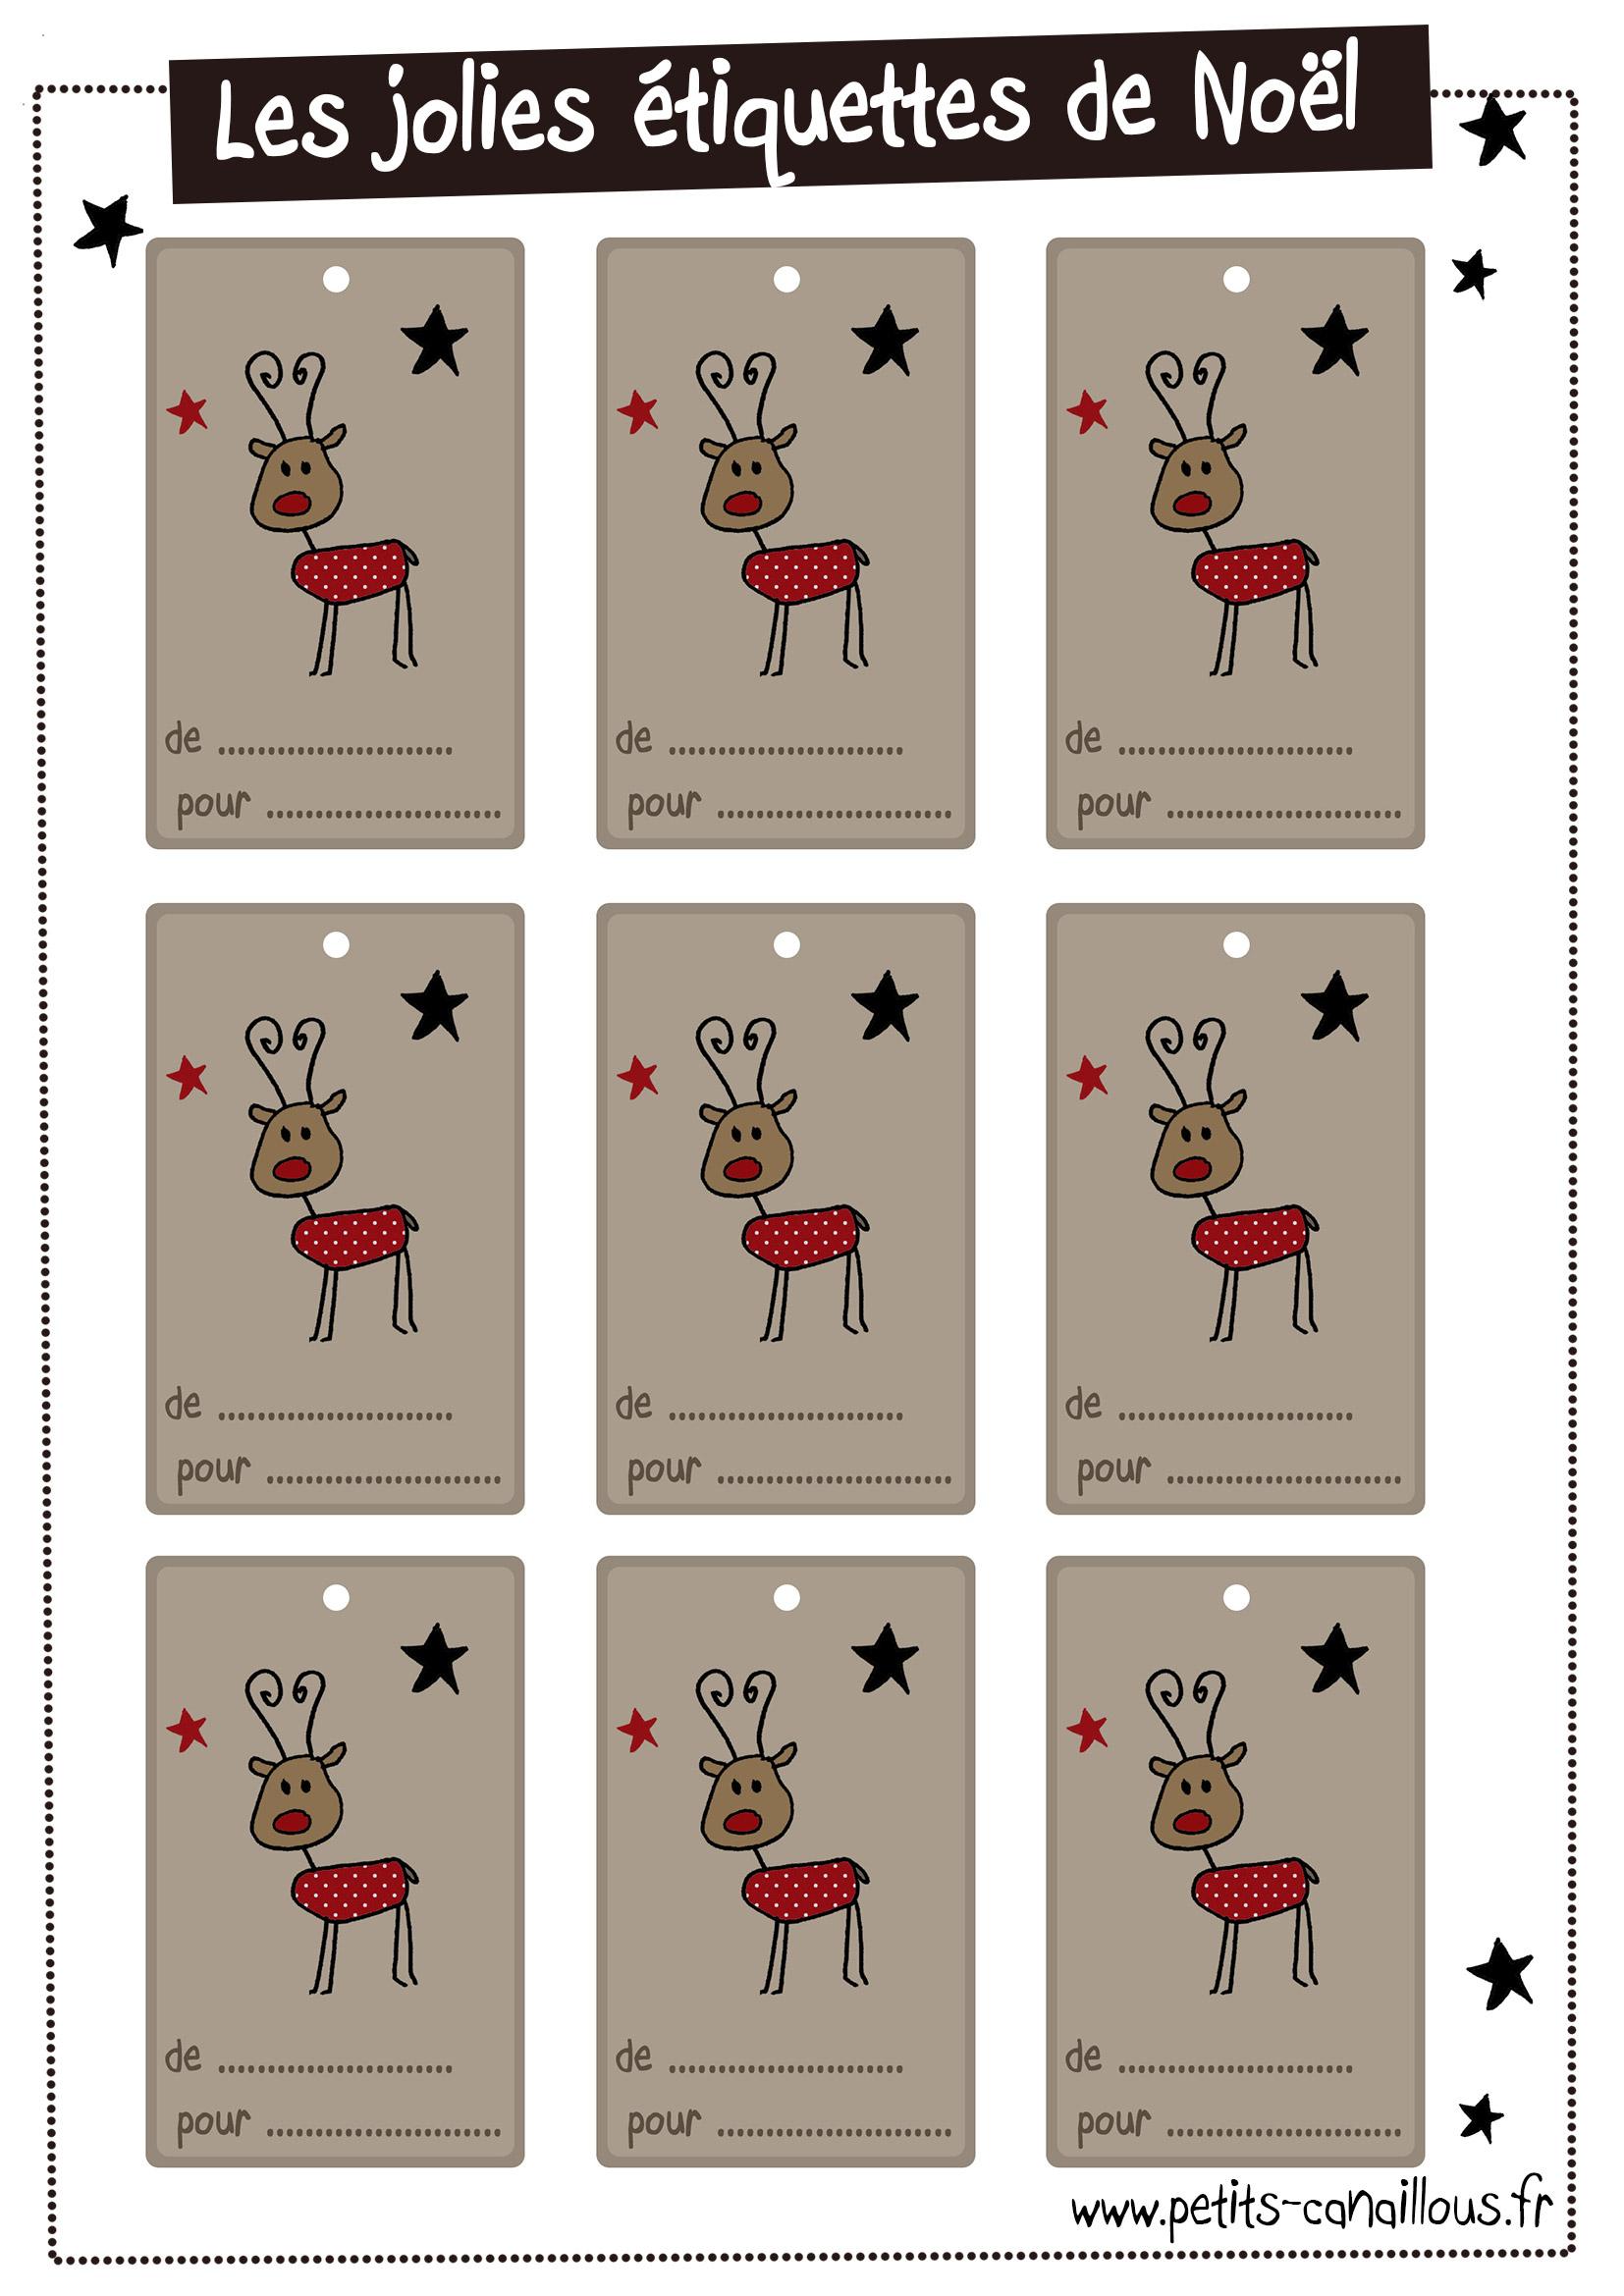 Diy Noël] 20 Planches D'étiquettes À Imprimer Gratuitement tout Etiquette Cadeau Noel A Imprimer Gratuitement